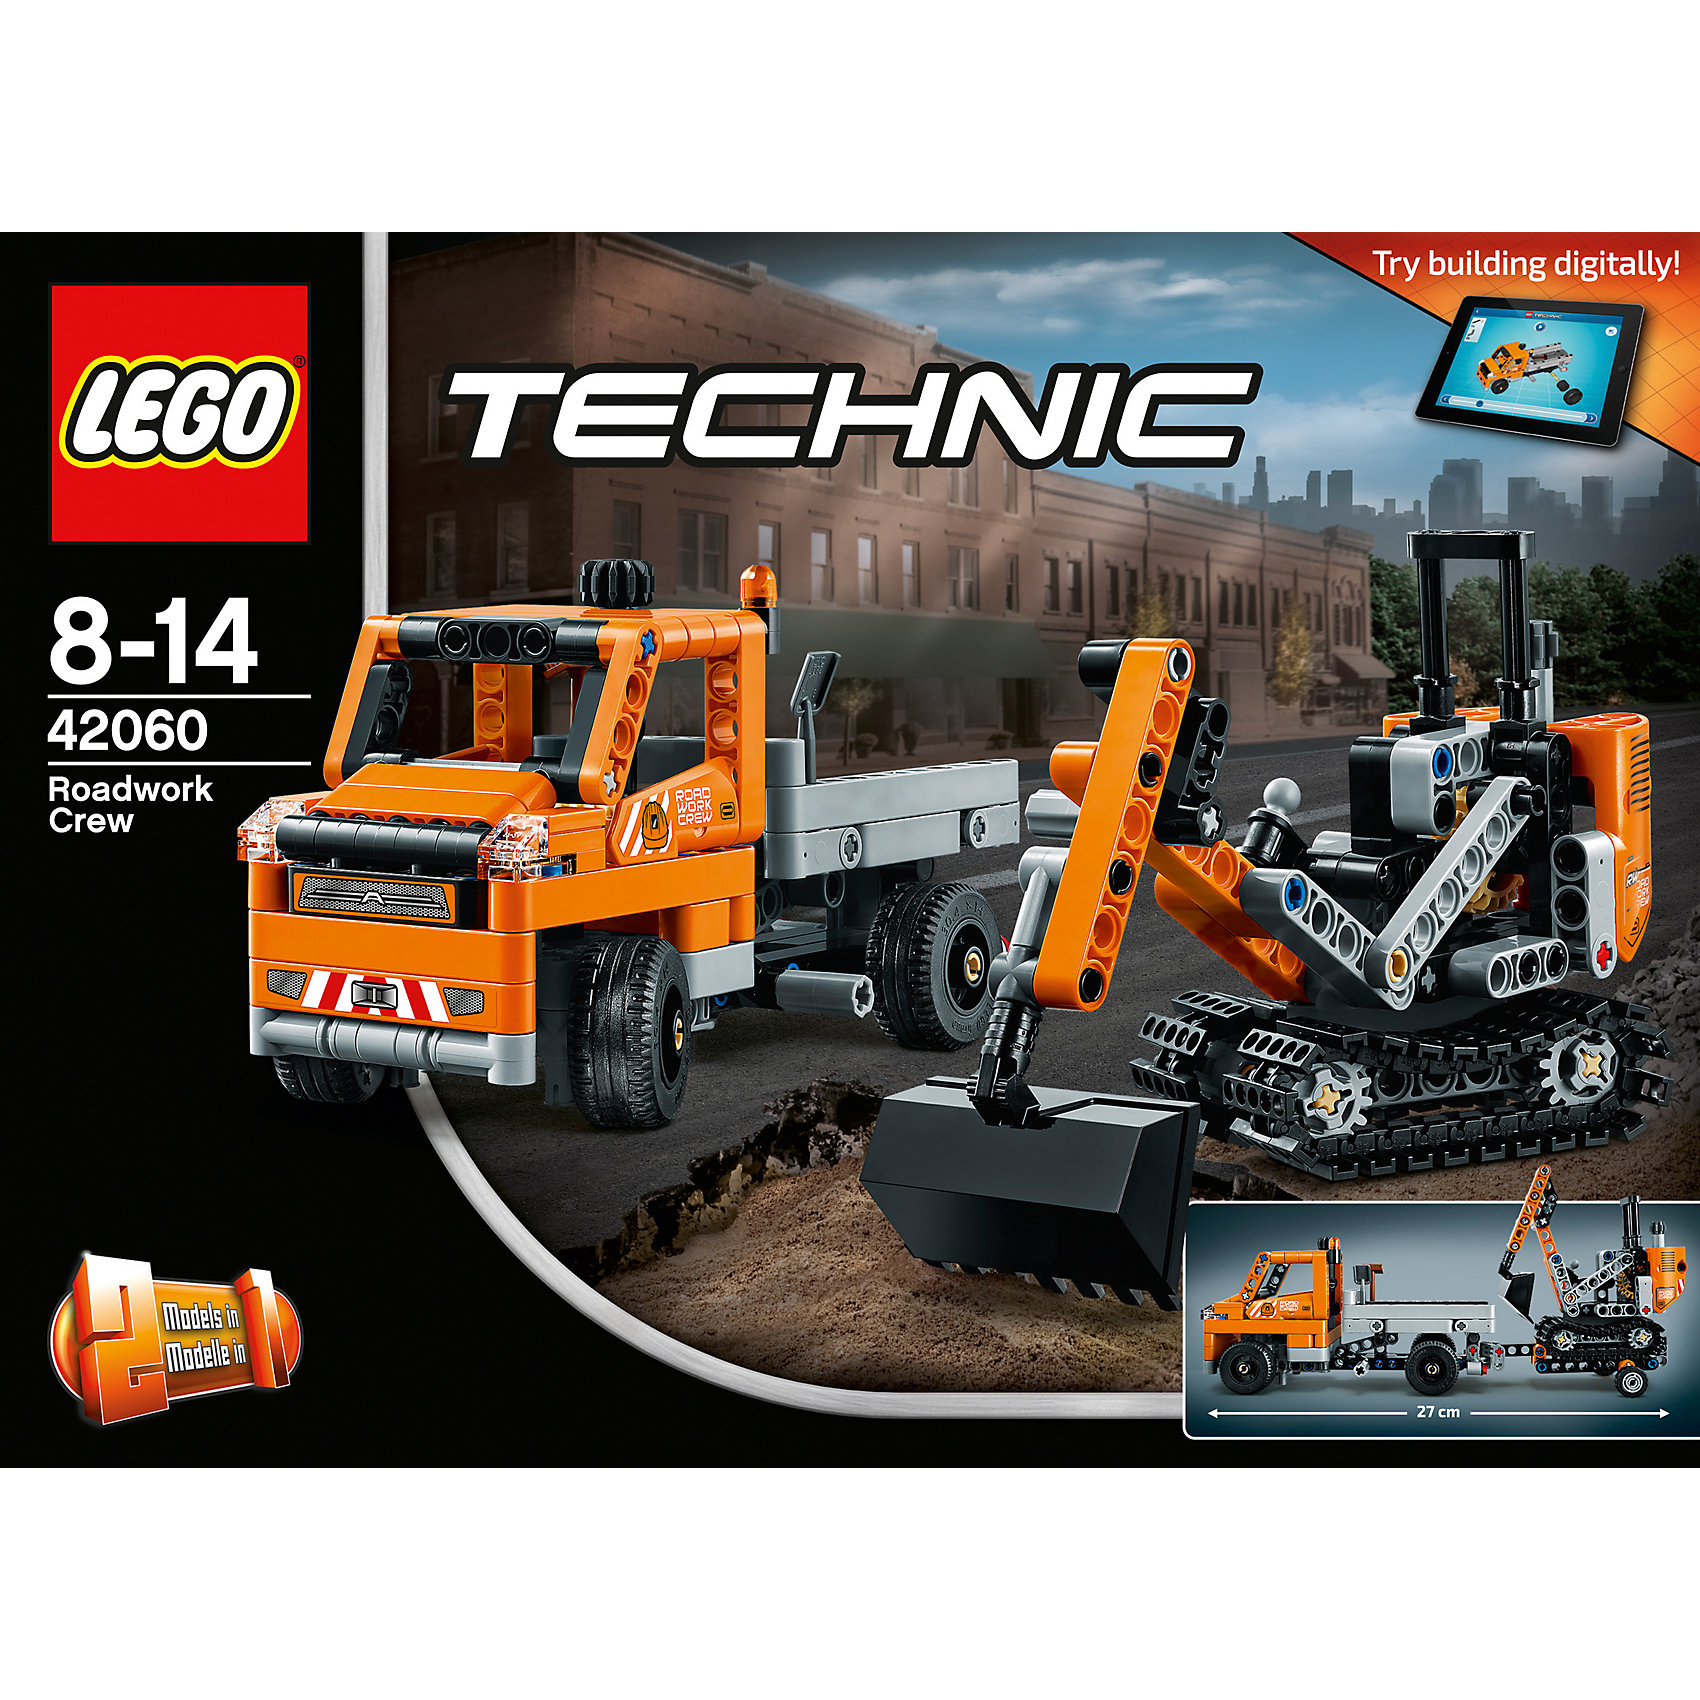 LEGO Technic 42060: Дорожная техникаПластмассовые конструкторы<br>LEGO Technic 42060: Дорожная техника<br><br>Характеристики:<br><br>- в набор входит: детали самосвала с прицепом и экскаватора, наклейки, инструкция по сборке<br>- состав: пластик<br>- количество деталей: 365<br>- приблизительное время сборки: 45 мин.<br>- размер самосвала с прицепом: 27 * 7 * 9 см.<br>- размер экскаватора: 10 * 5 * 9 см.<br>- размер снегоуборочной машины: 24 * 13 * 11 см.<br>- для детей в возрасте: от 7 до 14 лет<br>- Страна производитель: Дания/Китай/Чехия<br><br>Легендарный конструктор LEGO (ЛЕГО) представляет серию «Technic», которая бросает вызов уже опытным строителям ЛЕГО. Ваш ребенок может строить продвинутые модели с реальными функциями, такими как коробки передач и системы рулевого управления. В набор включена уникальная деталь, посвященная сорокалетию серии. Наслаждайтесь строительством сразу трех видов техники, ведь самосвал с прицепом перестраивается в снегоуборочную машину. <br><br>Колеса самосвала поворачиваются в стороны с помощью рычага, а второй рычаг откидывает кузов для сброса груза. Прицеп оснащен подвижным креплением и отлично следует за самосвалом при поворотах. Кабина гусеничного экскаватора вращается на все 360 градусов, а благодаря двум другим рычагам ковш двигается и может копать, уровень наклона ковша так же регулируется. Подразумевается, что экскаватор перемещается на место стройки в прицепе самосвала. В набор входят строительные аксессуары в виде лопаты и щетки. <br><br>Играя с конструктором ребенок развивает моторику рук, воображение и логическое мышление, научится собирать по инструкции и создавать свои модели. Принимайте новые вызовы по сборке моделей и придумывайте новые истории с набором LEGO «Technic»!<br><br>Конструктор LEGO Technic 42060: Дорожная техника можно купить в нашем интернет-магазине.<br><br>Ширина мм: 265<br>Глубина мм: 192<br>Высота мм: 76<br>Вес г: 486<br>Возраст от месяцев: 96<br>Возраст до месяцев: 168<br>Пол: Мужской<br>Возраст: Де